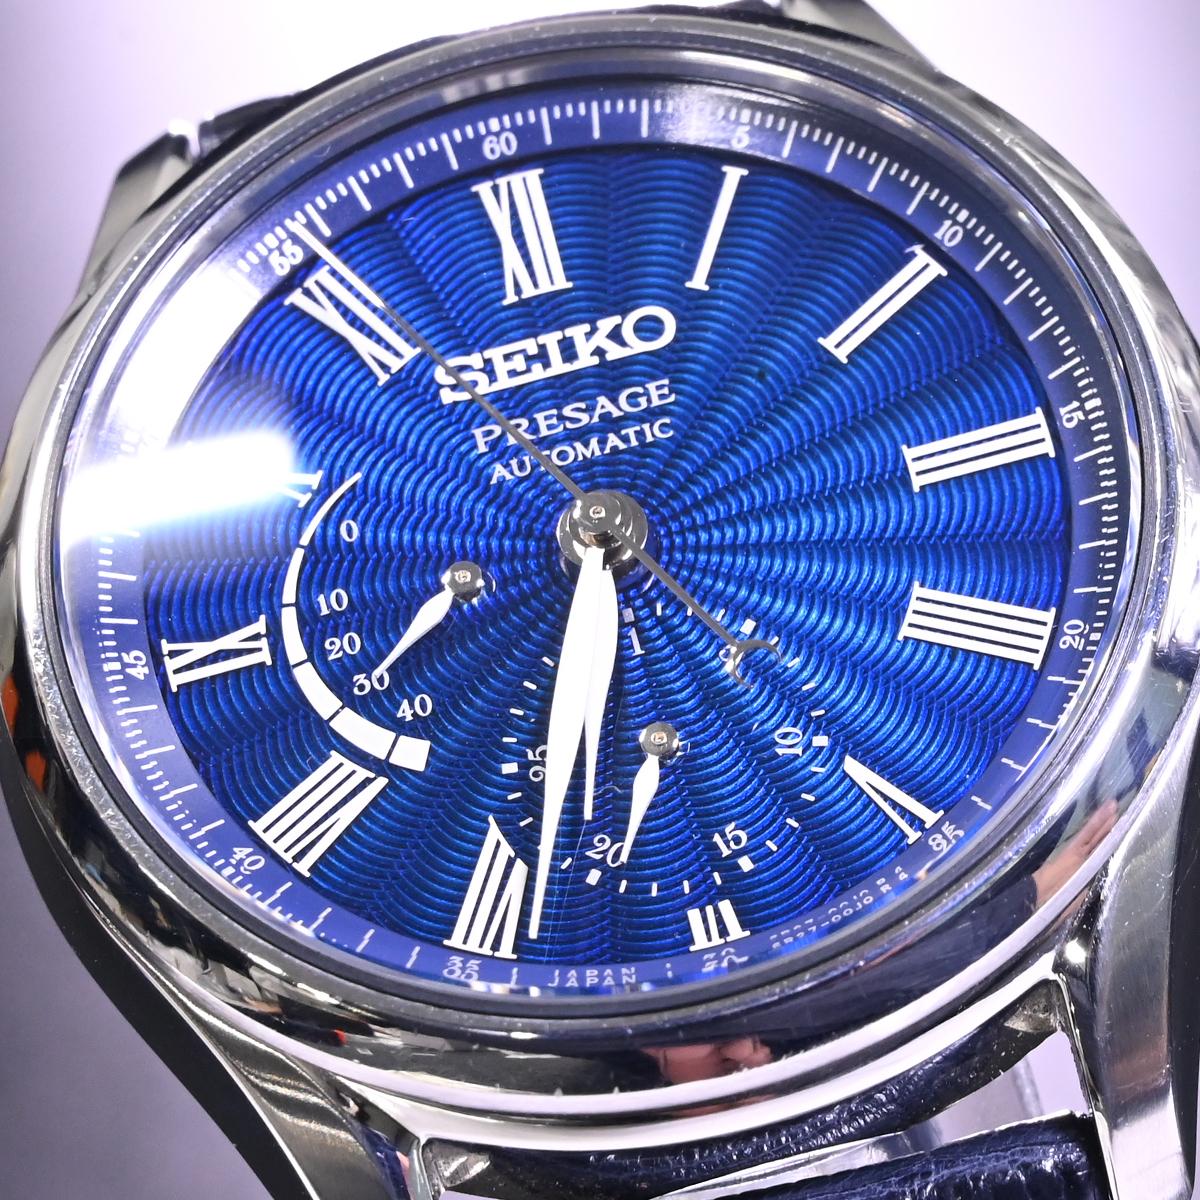 本物 美品 セイコー 限定品 SARW039 エナメル七宝文字盤 メカニカル プレサージュ メンズウォッチ 男性用自動巻腕時計 保証書 取説付 SEIKO_画像3